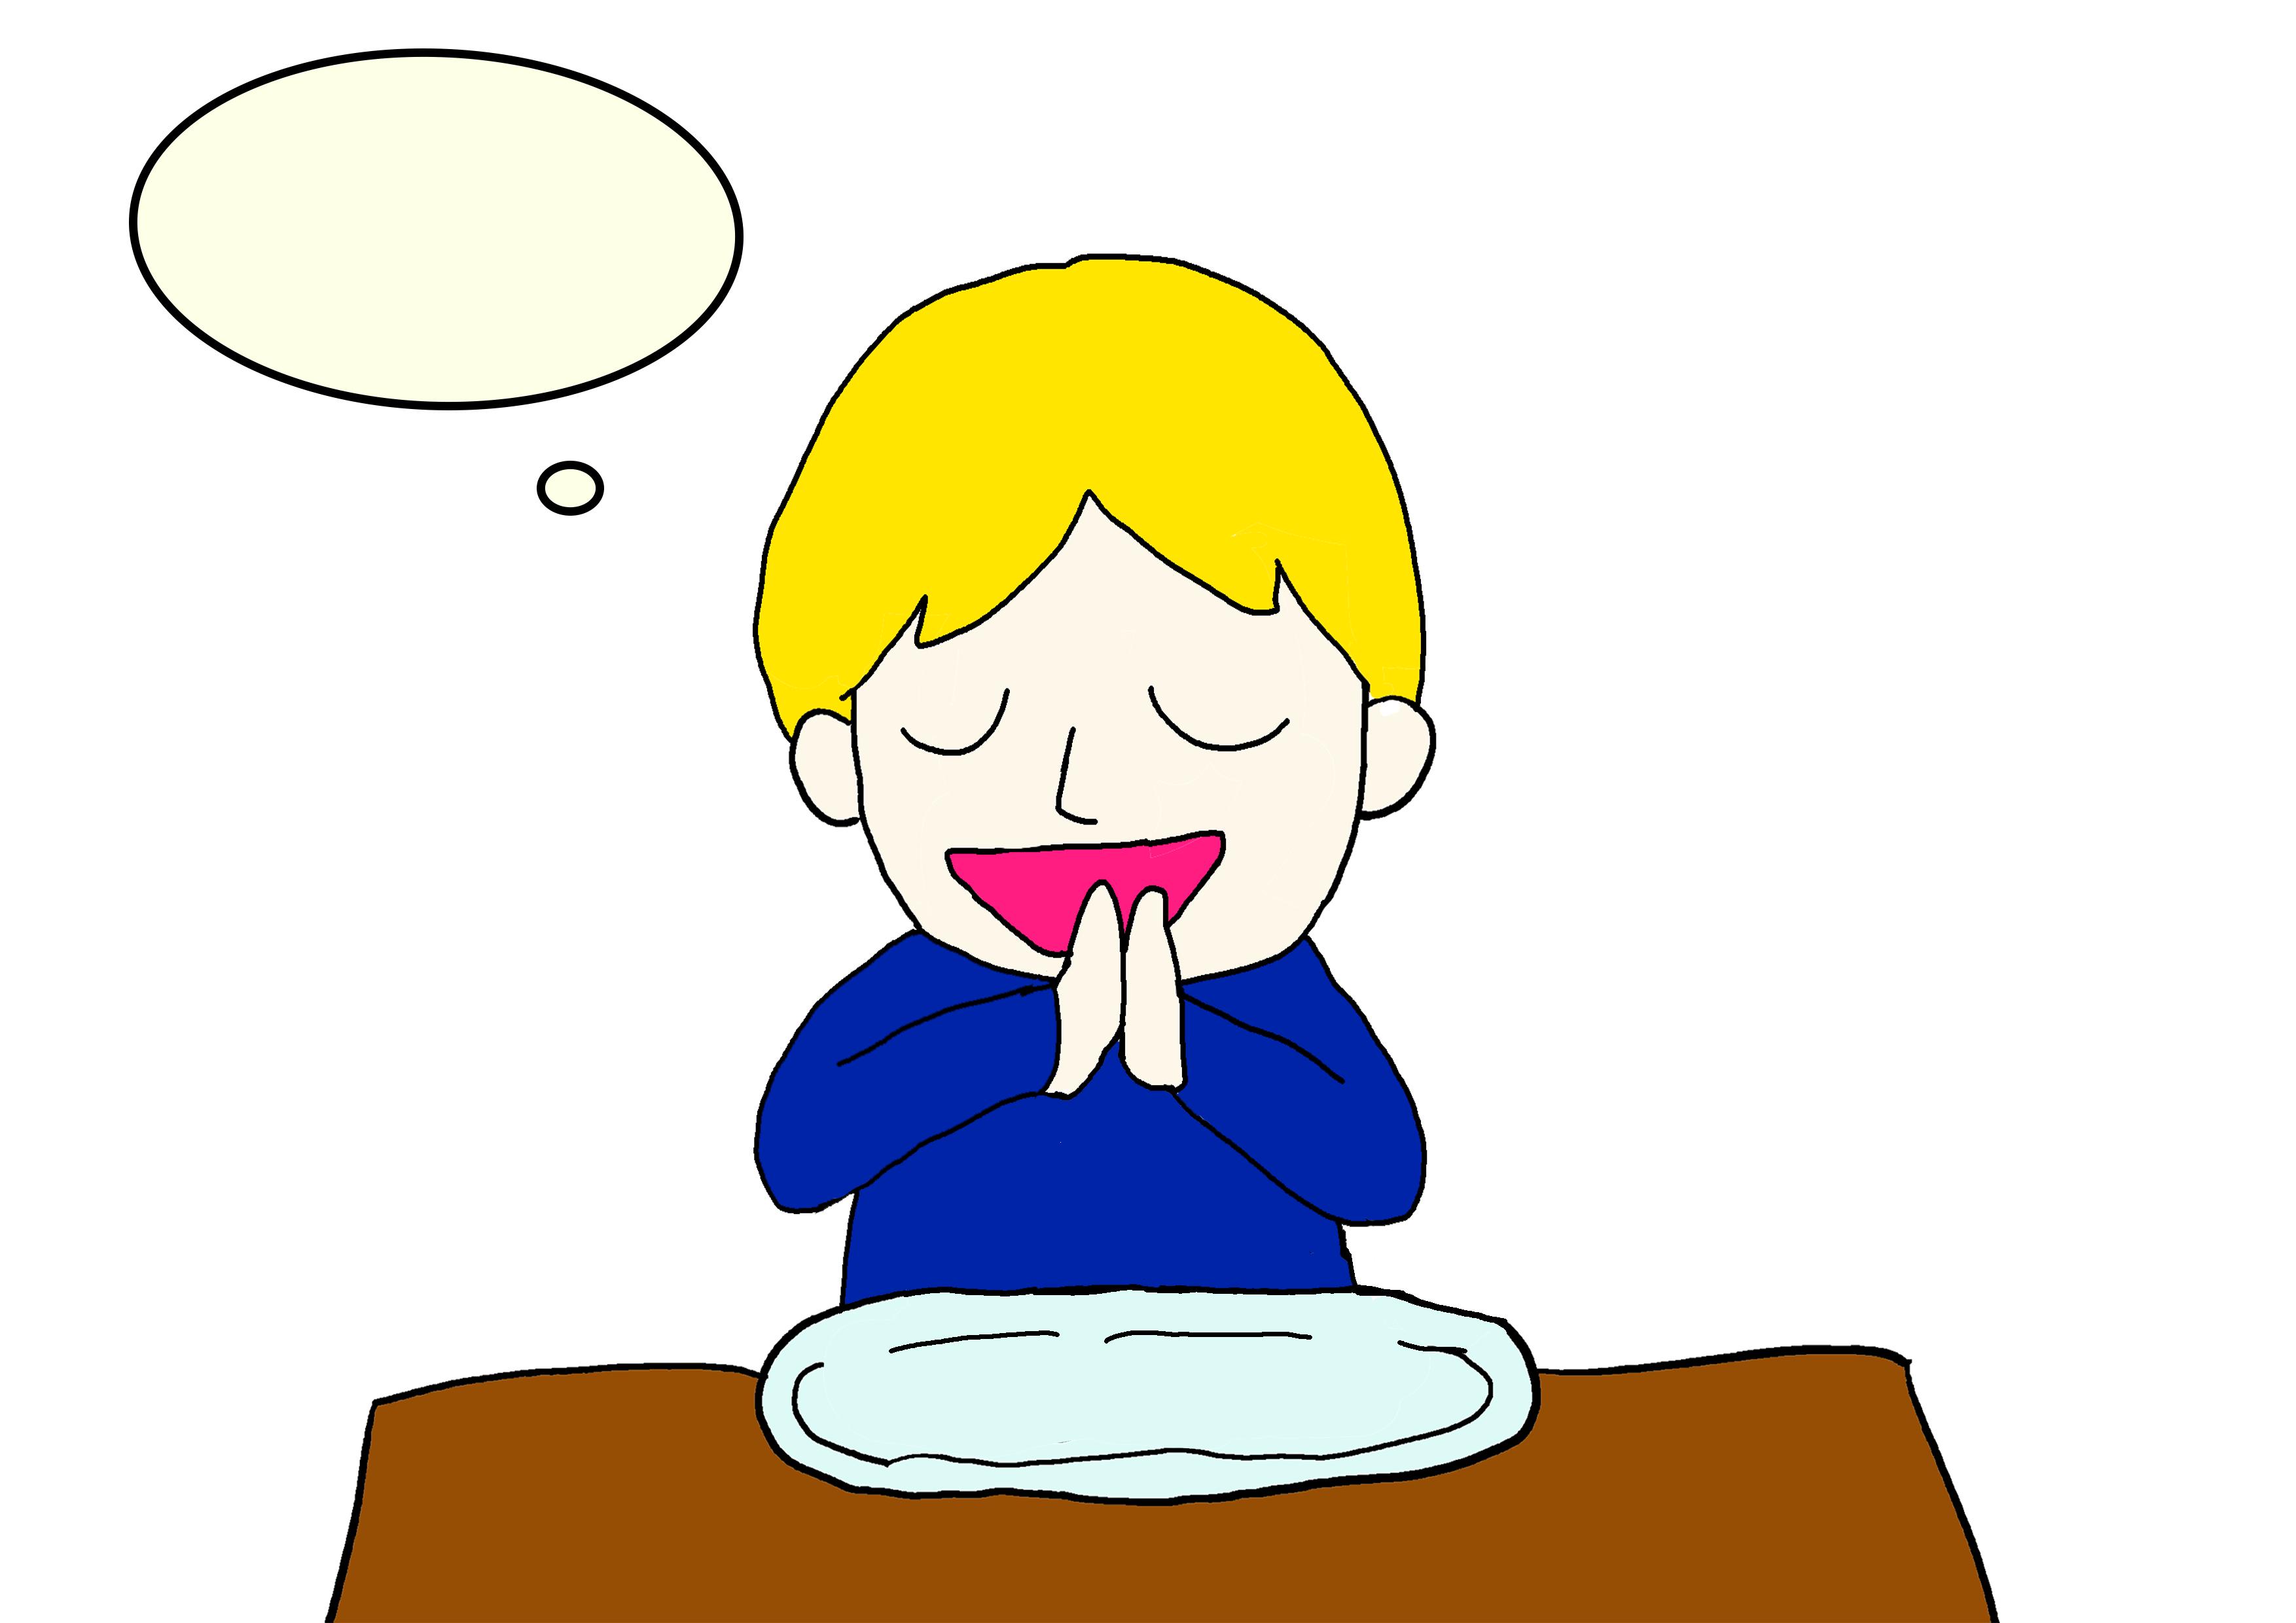 イラスト23課【ごちそうさまでした】